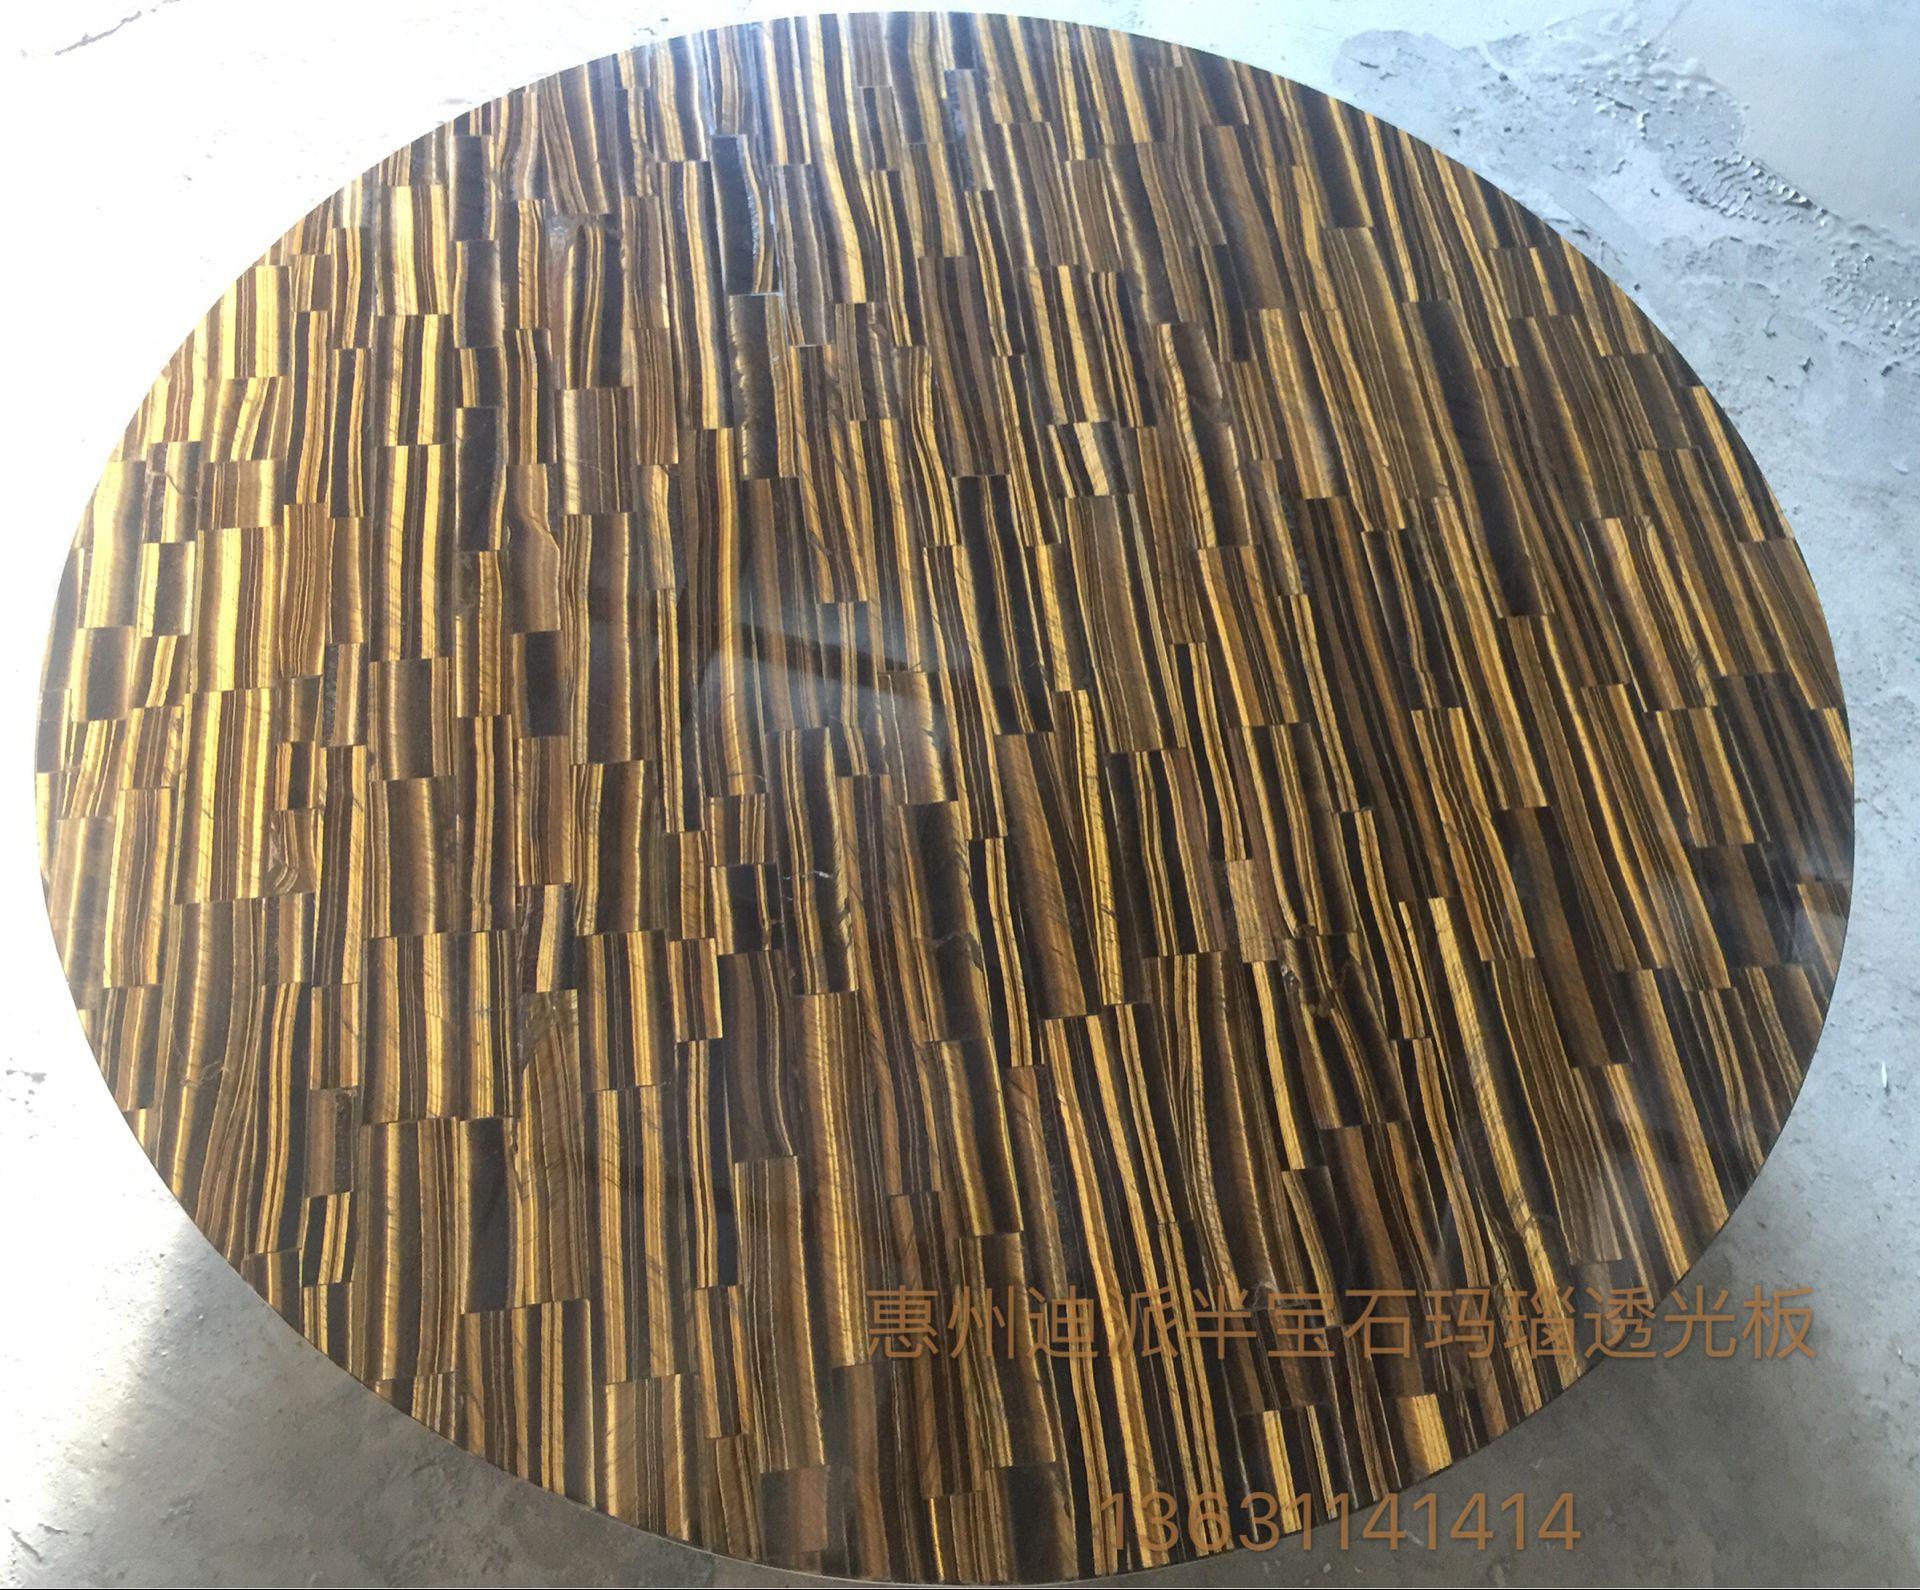 半宝石生产 虎眼石 木化石 宝石水刀拼花 玛瑙板材等